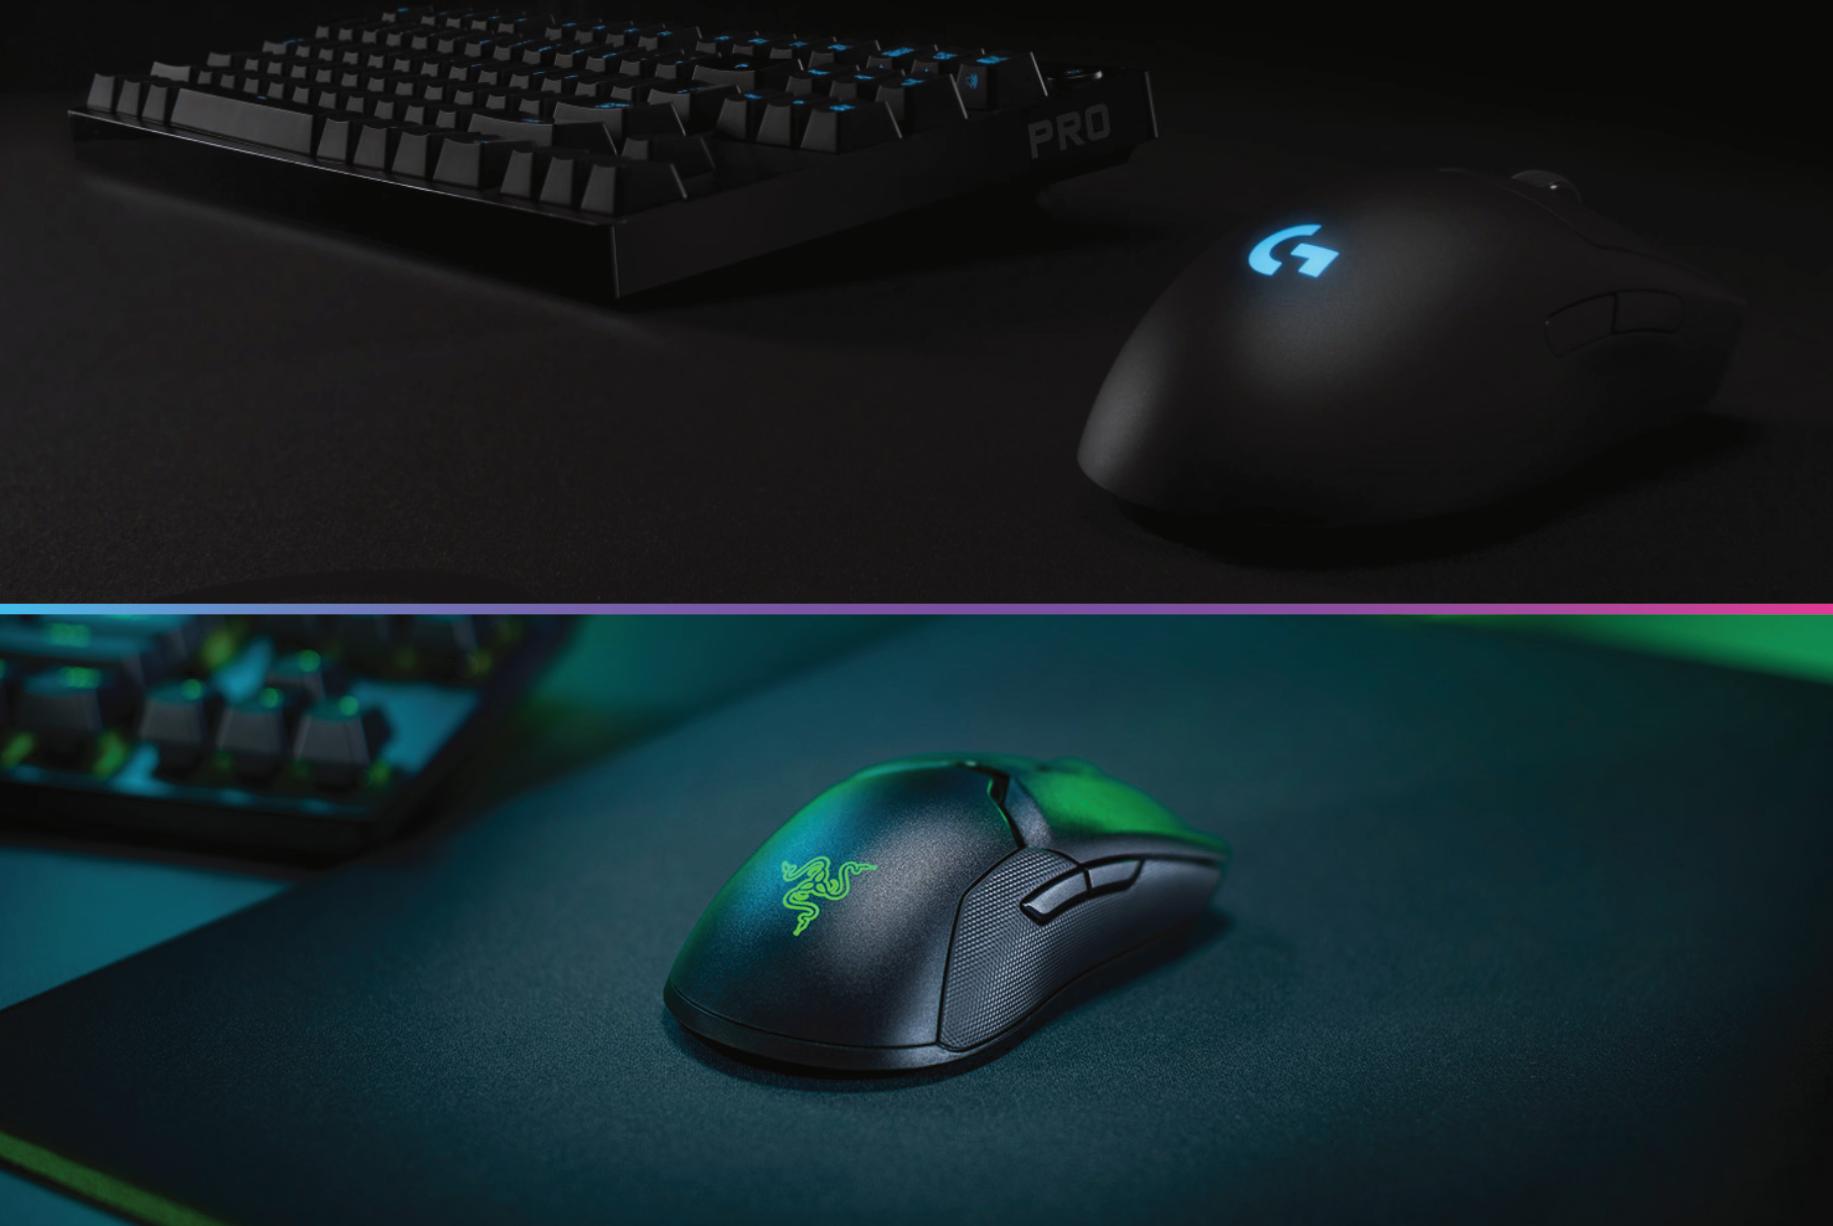 razer viper ultimate vs g pro wireless mouse comparison